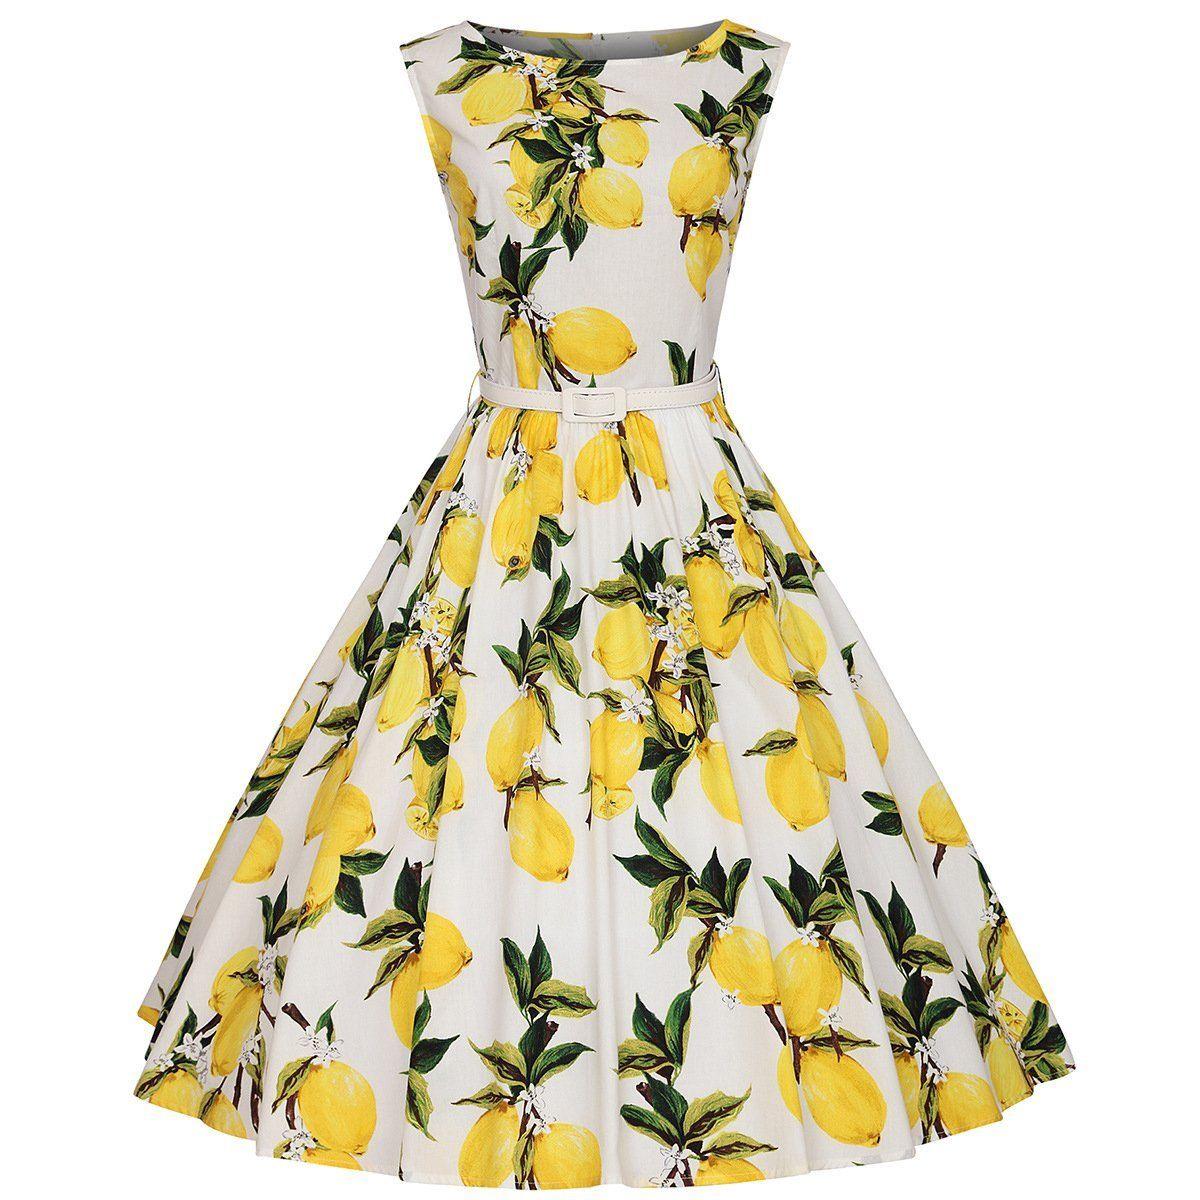 Vintage verano de las mujeres vestidos de 50 s 60 s lemon party print vestidos d